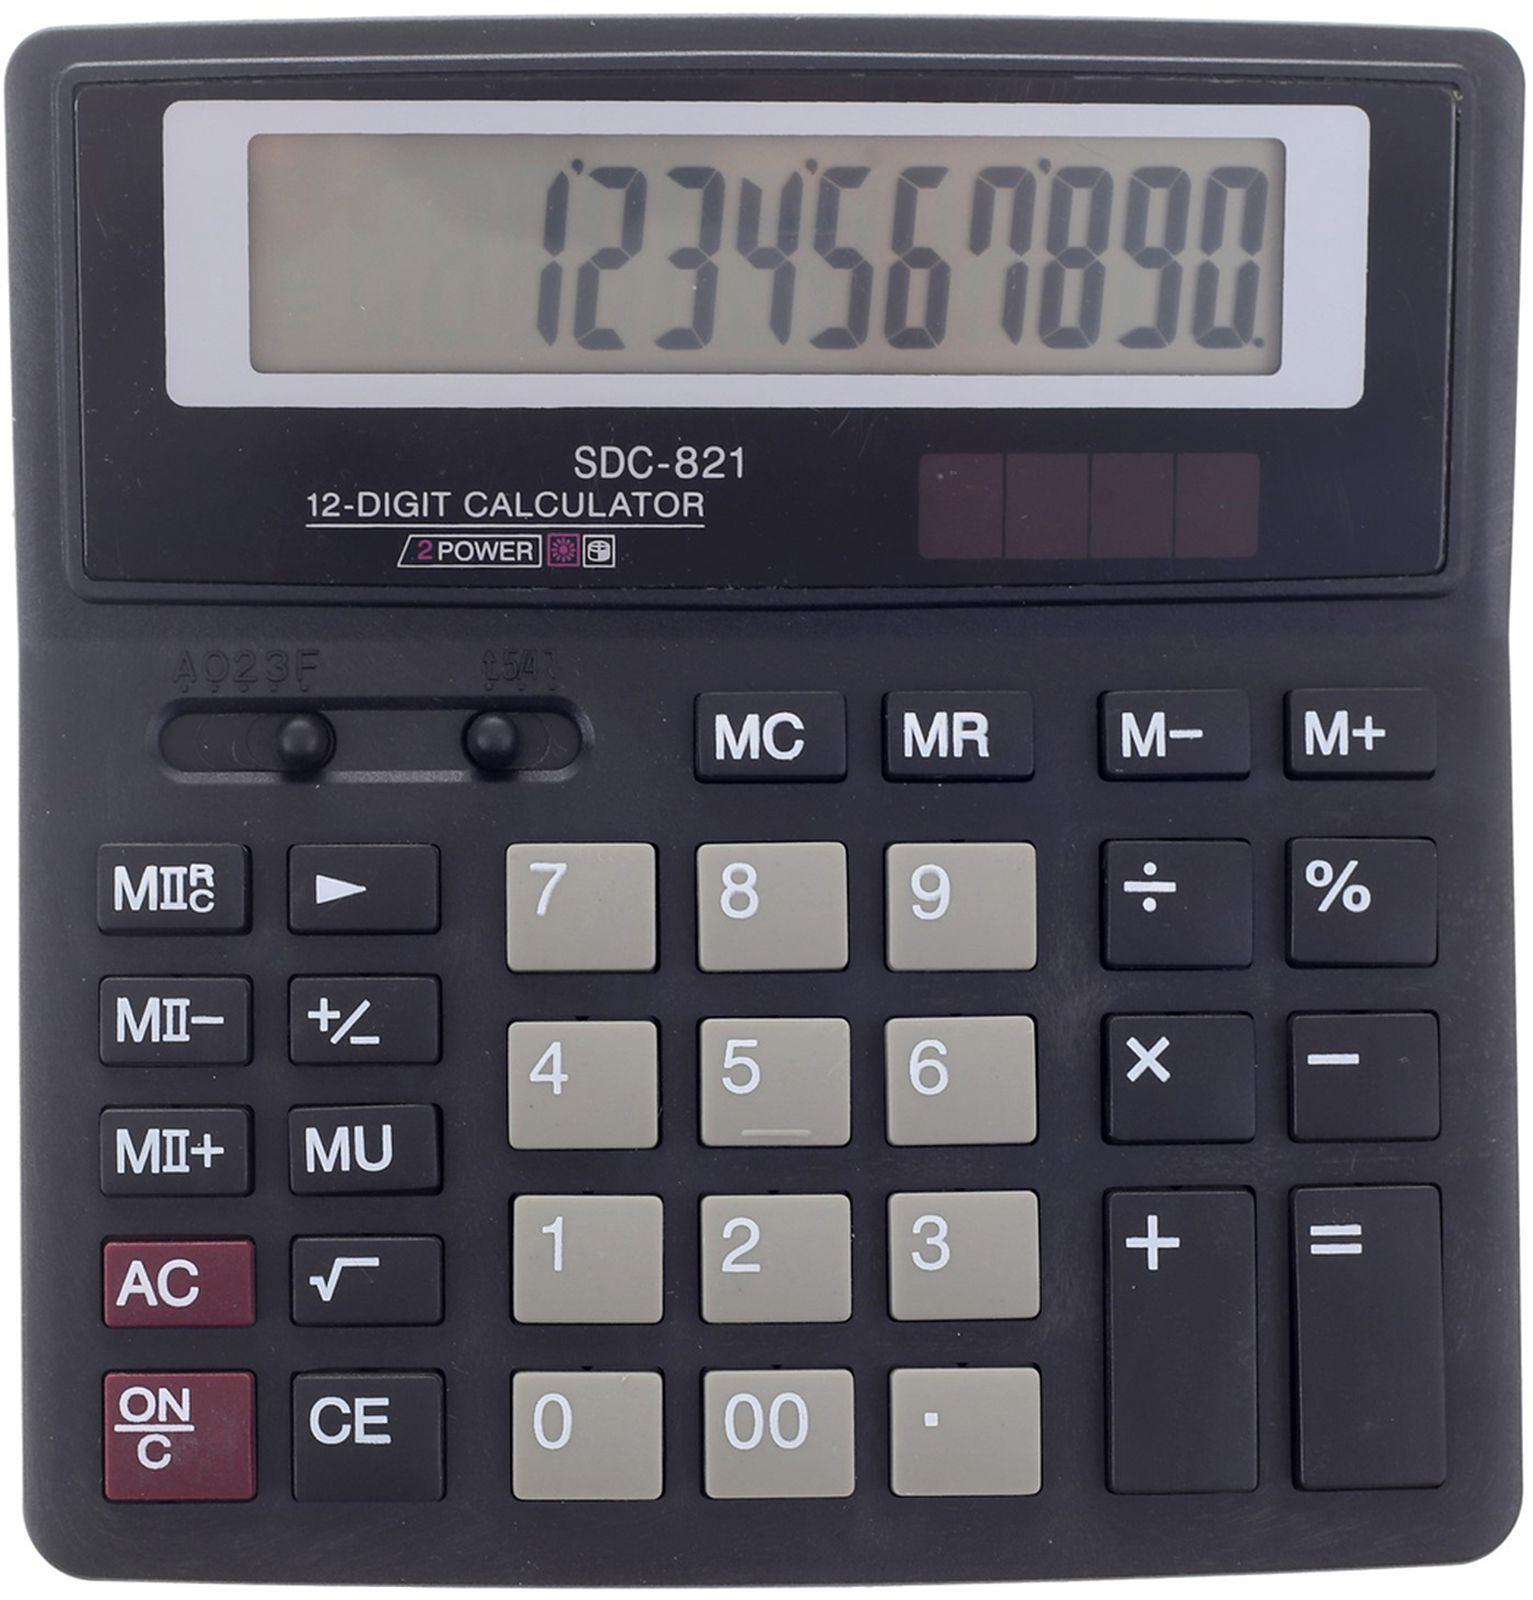 Калькулятор SDC-821, настольный, 12-разрядный, 589584, мультиколор